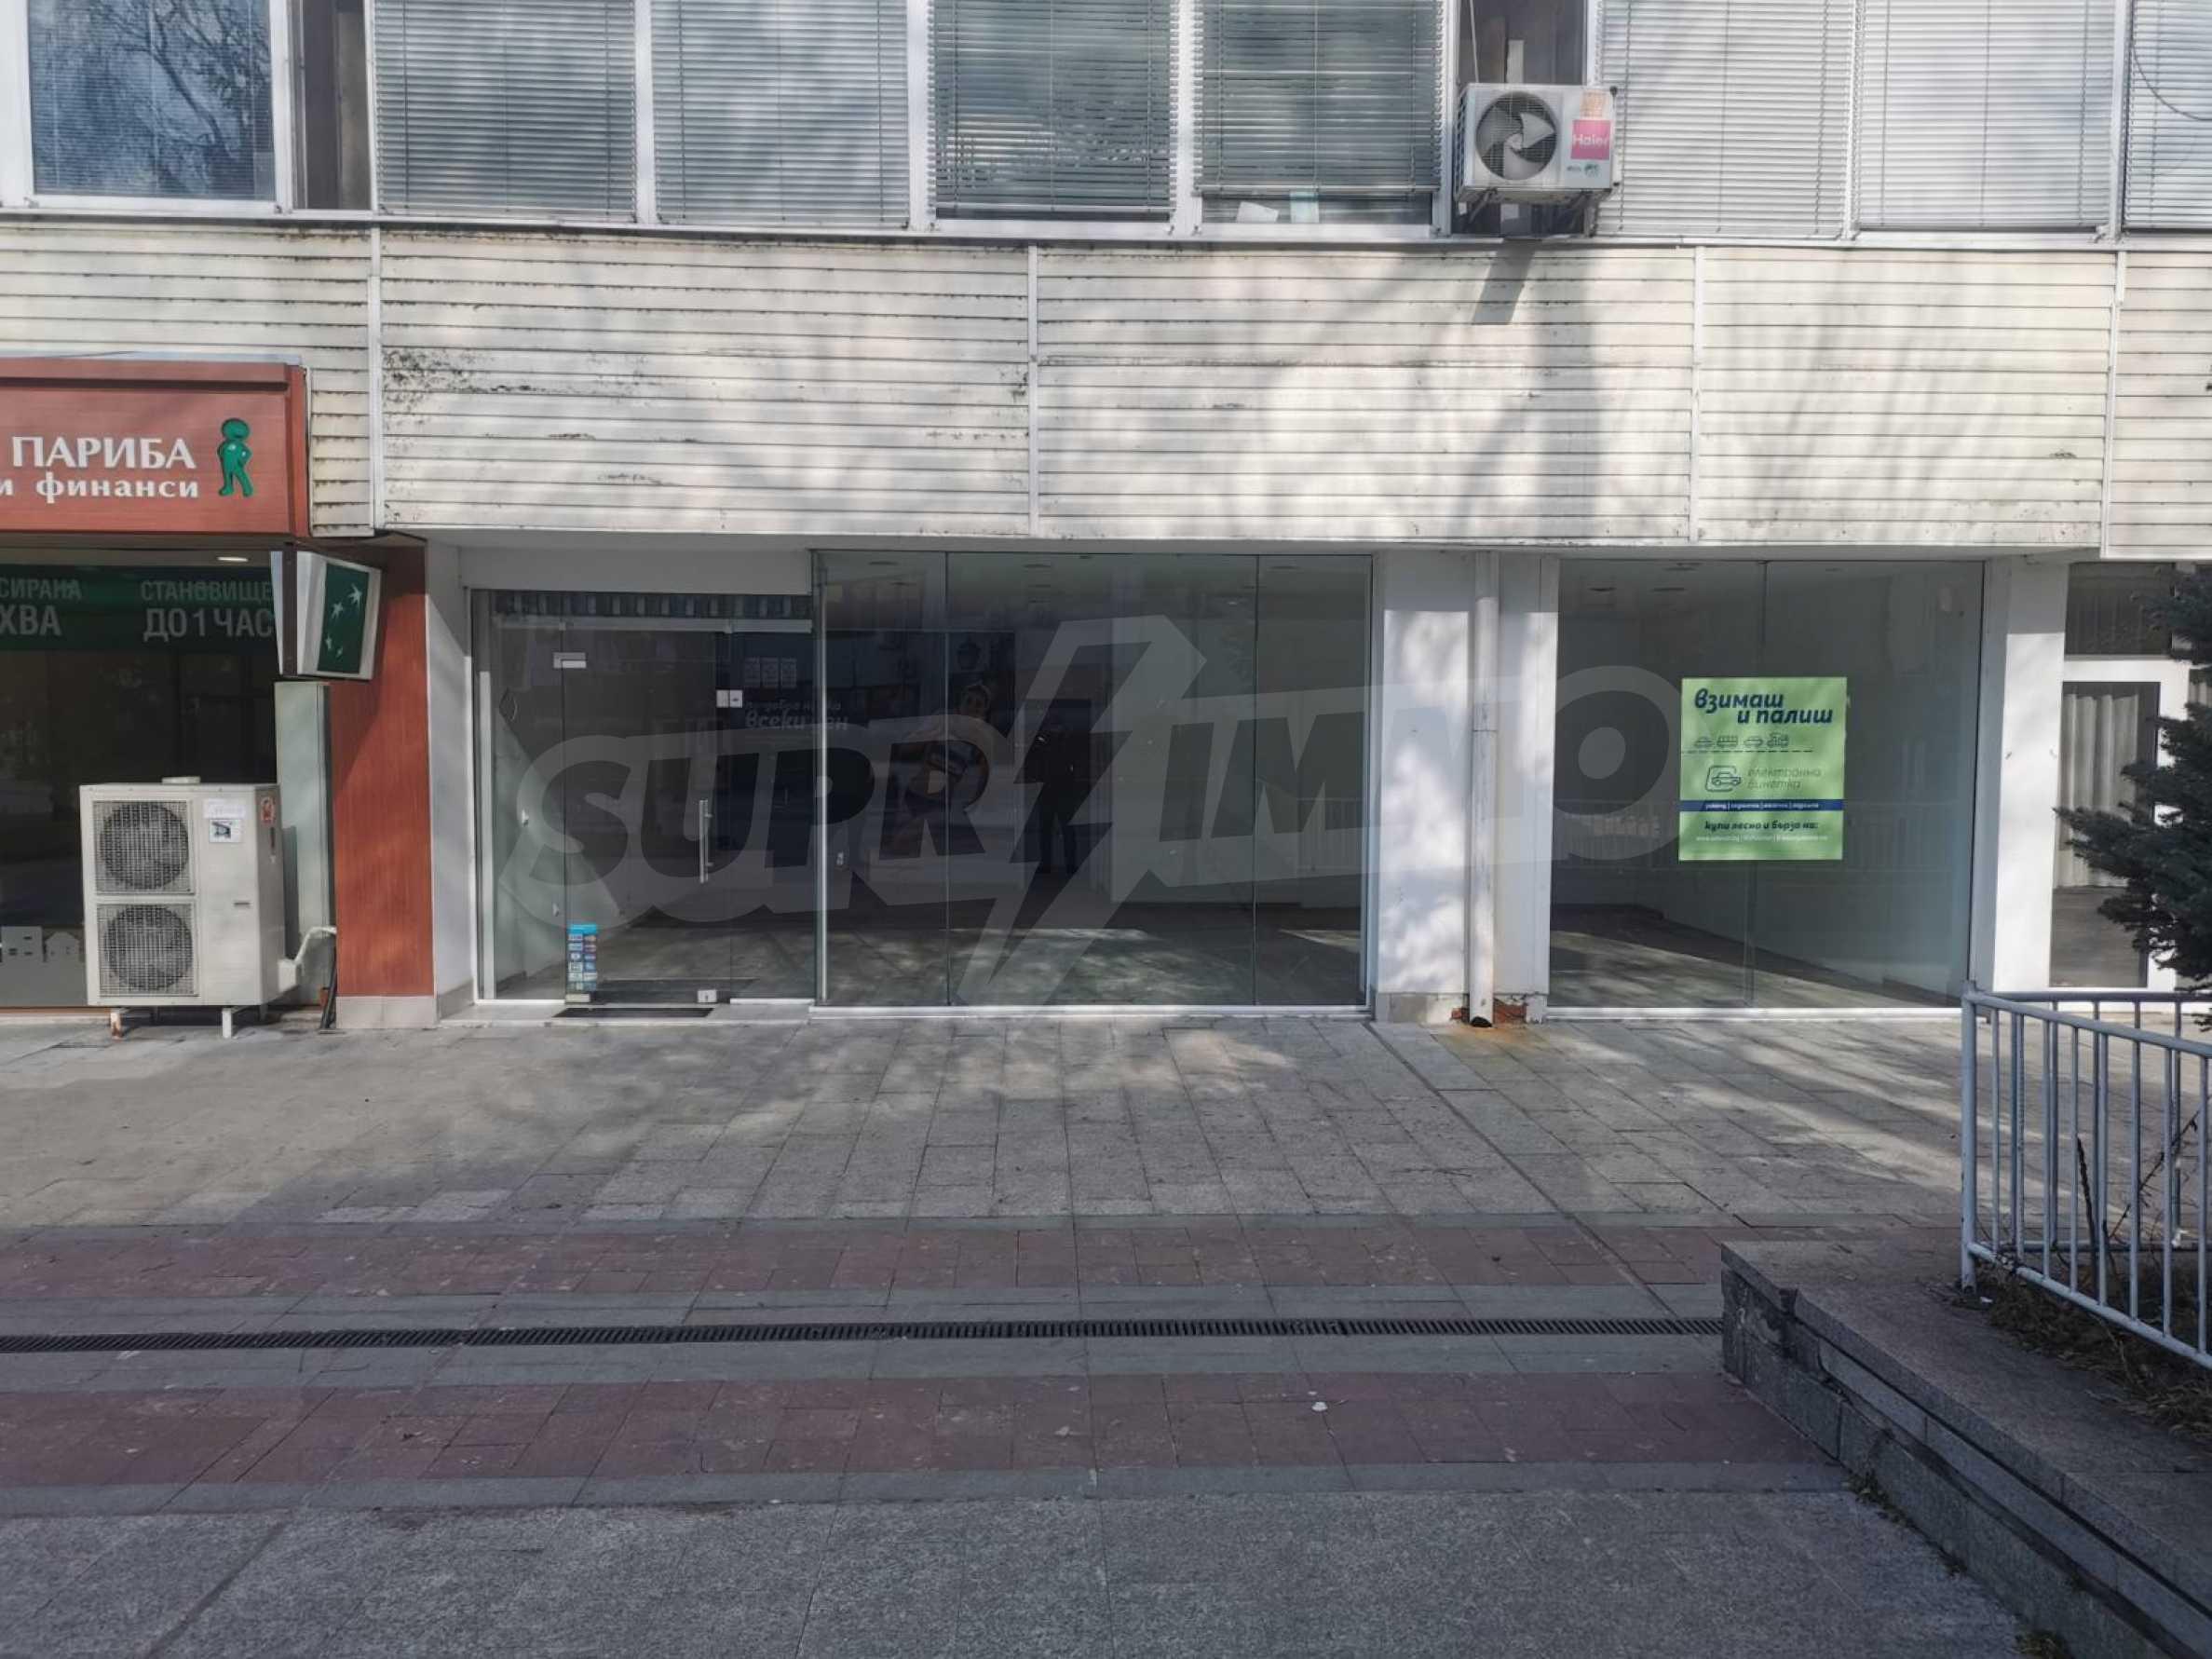 Търговско помещение под наем в центъра на града